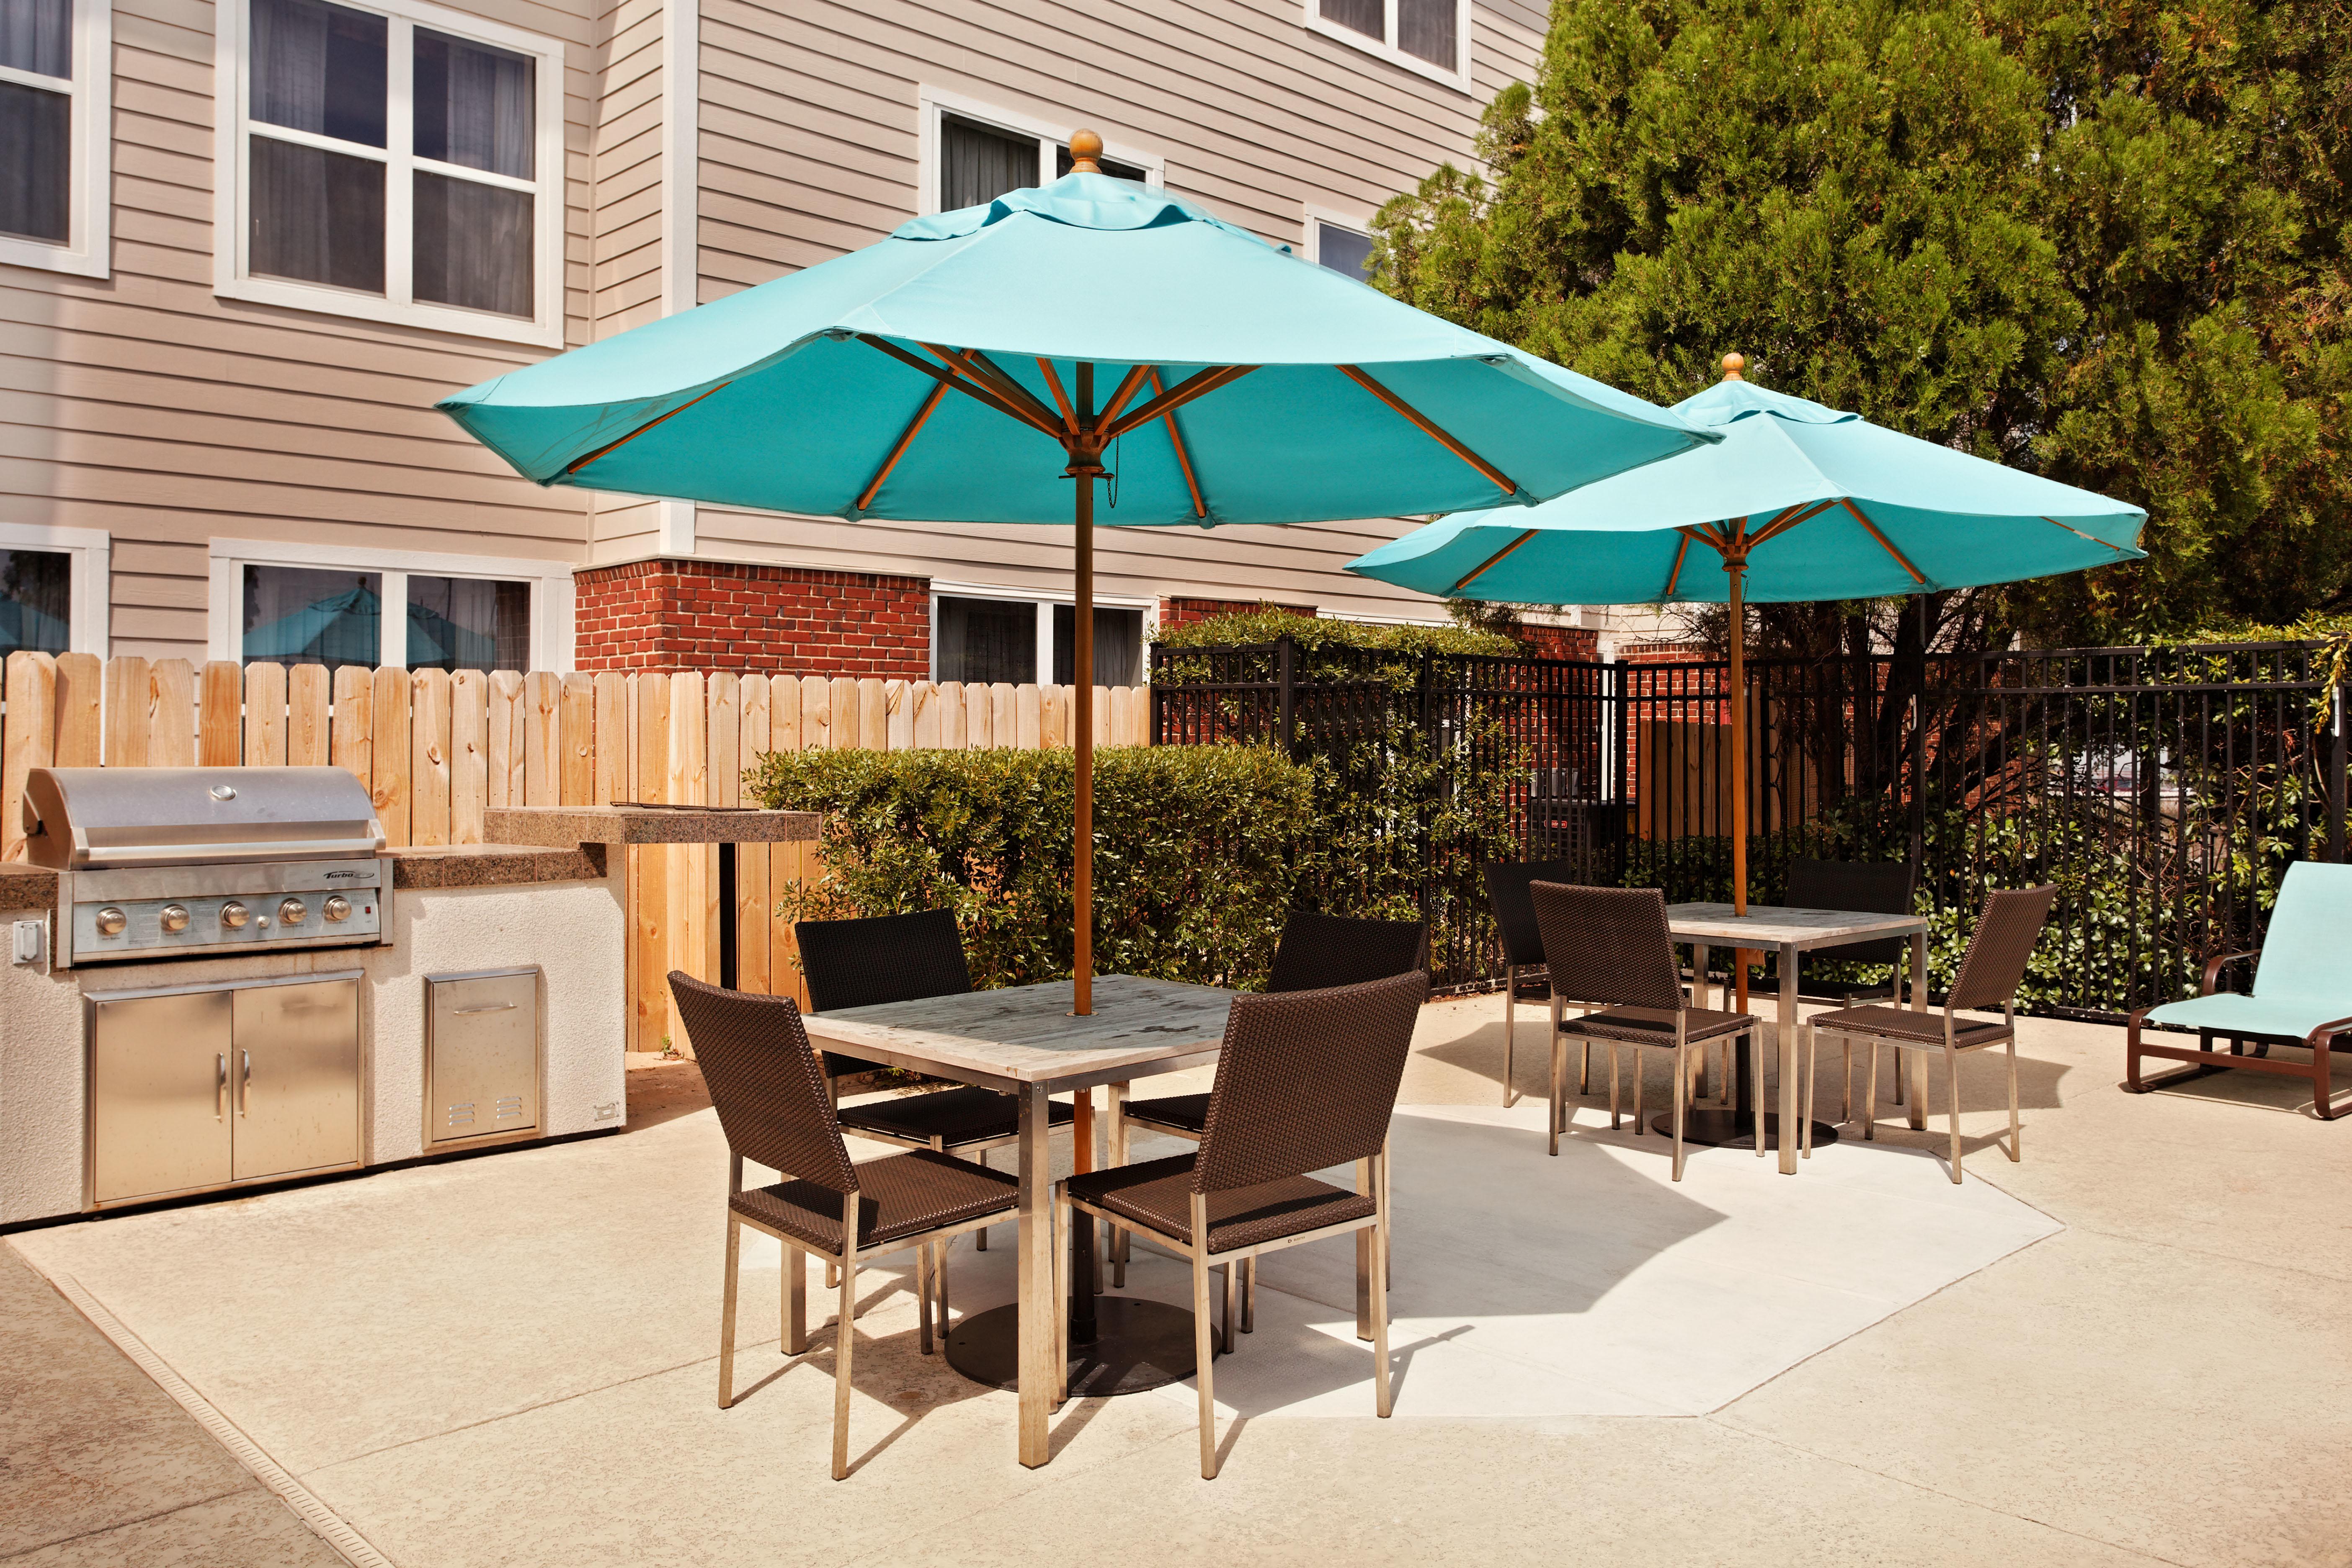 Residence Inn by Marriott Austin South image 3